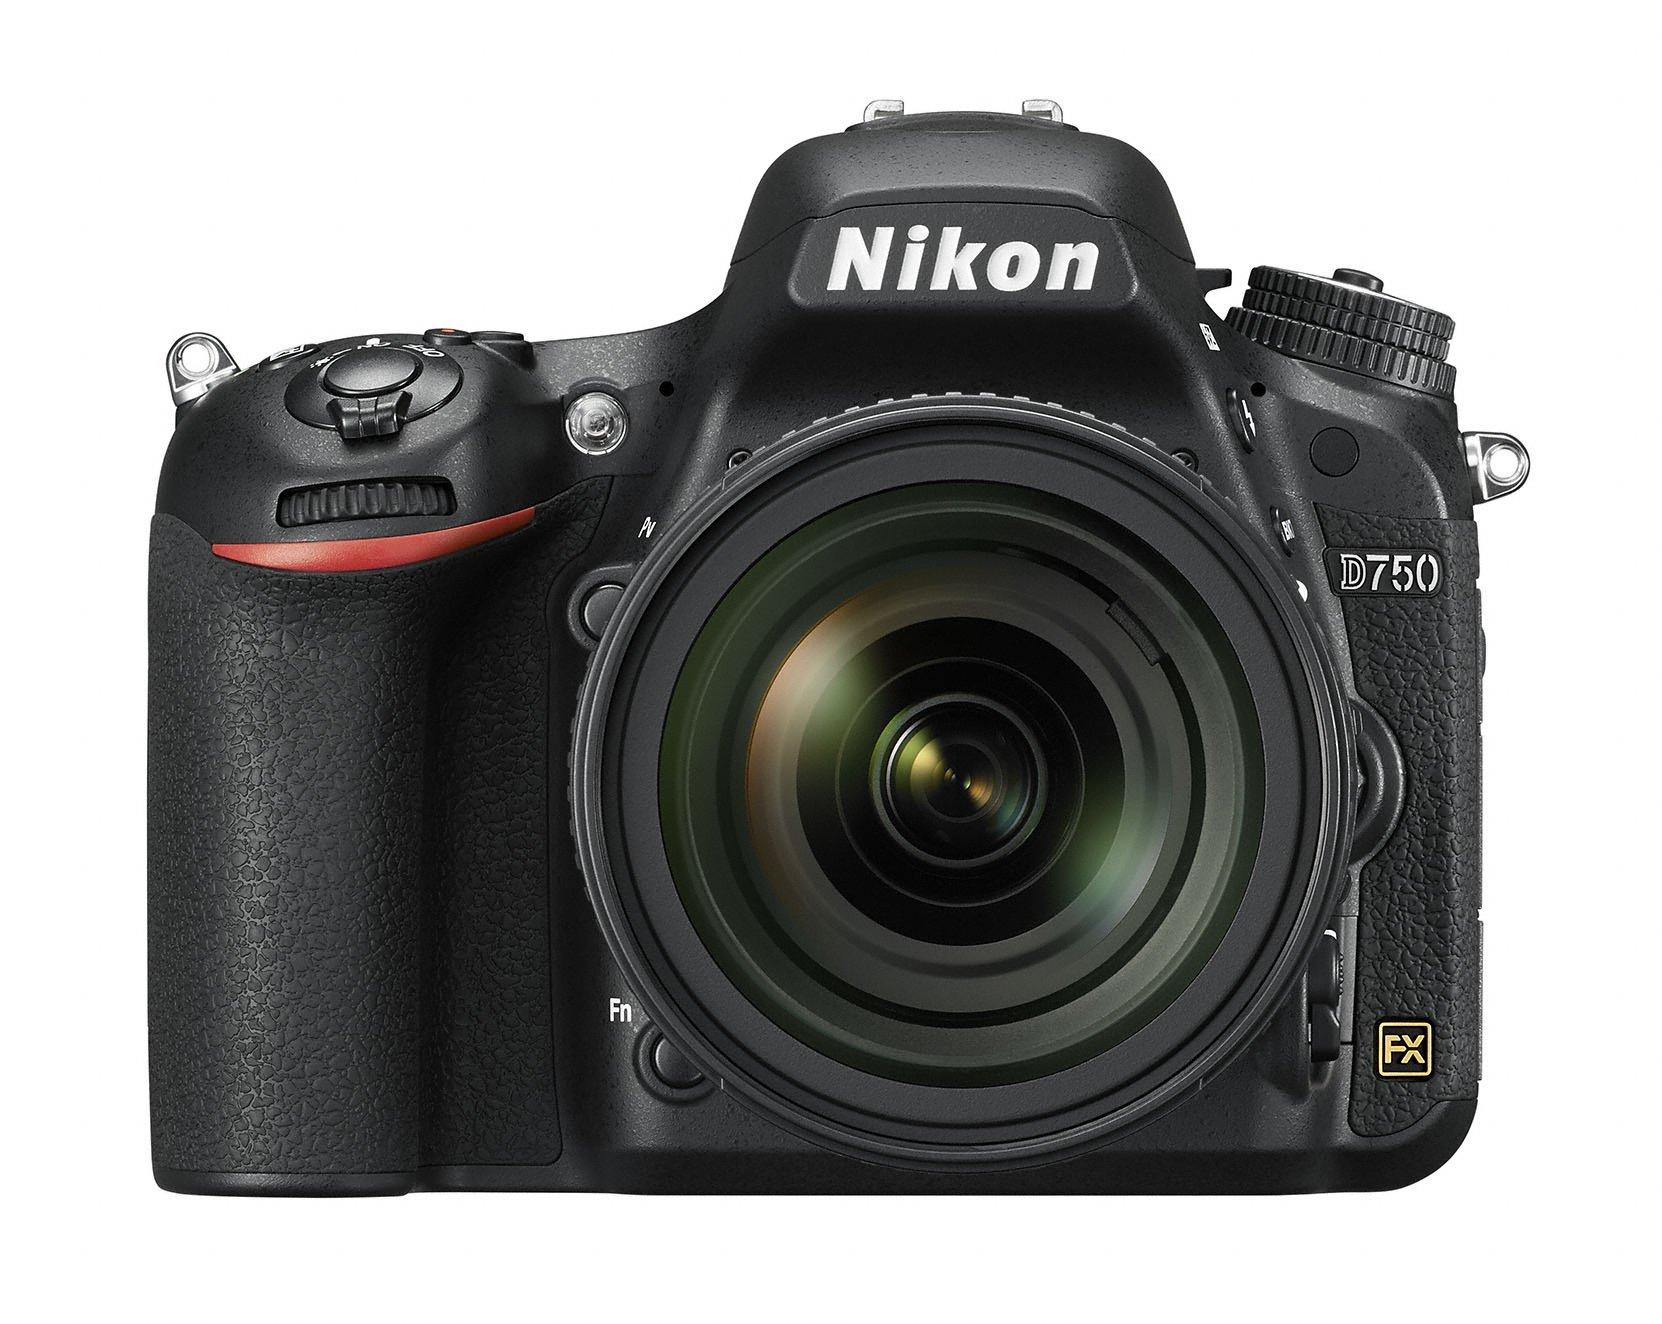 Digitaler Entfernungsmesser Nikon : Nikon d kit af s mm vr online kaufen bei photouniversal